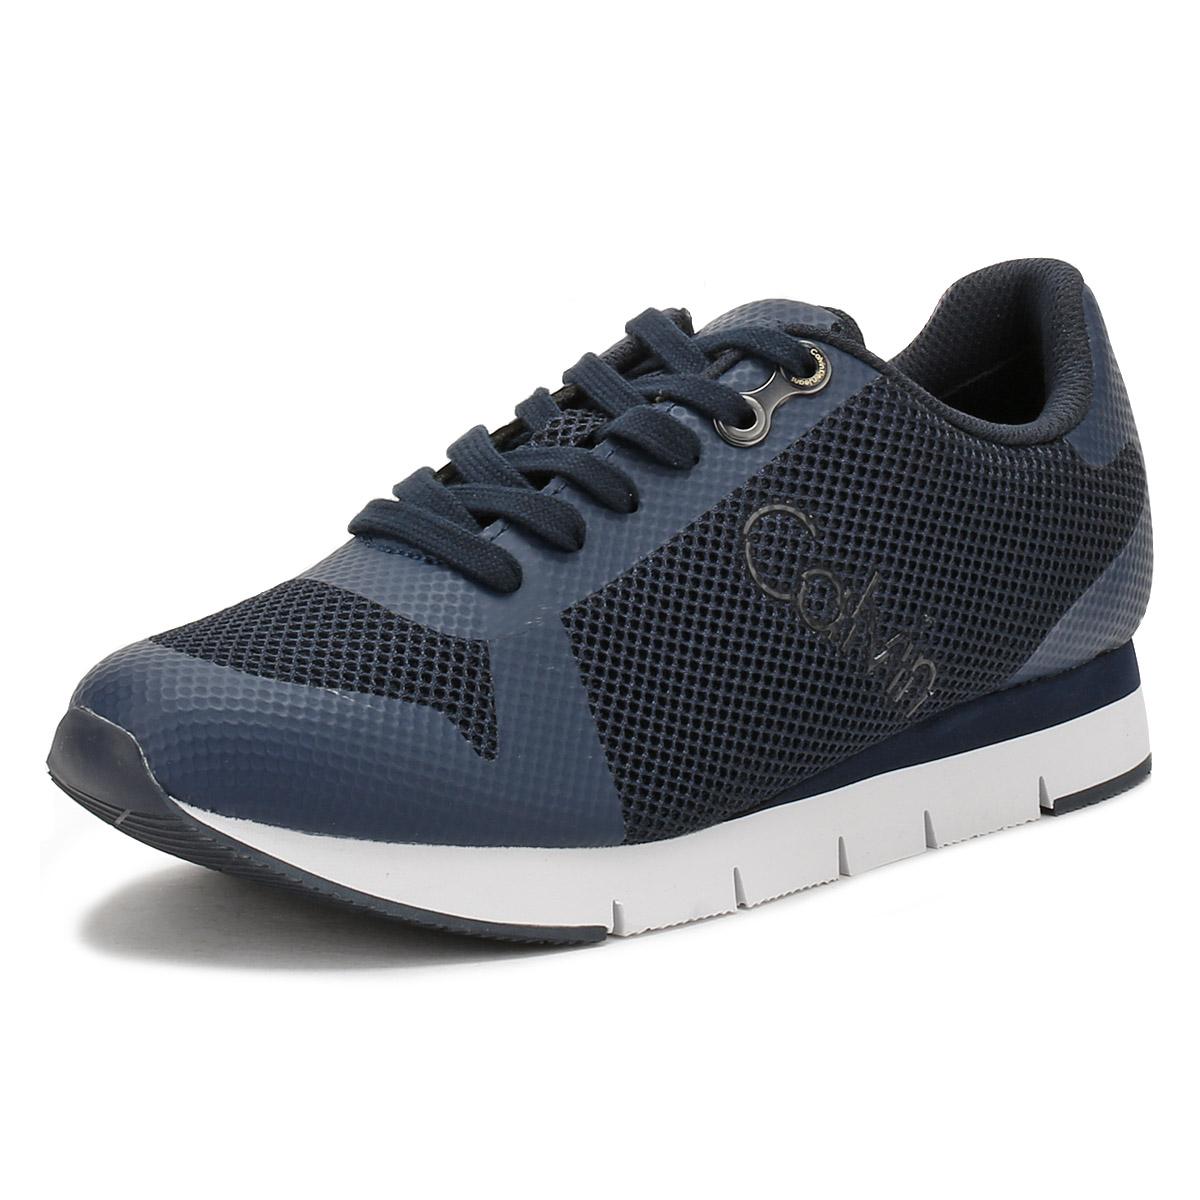 95a3d7e3045 Details about Calvin Klein Jeans Mens Trainers Blue Jaques Mesh Sport  Casual Shoes